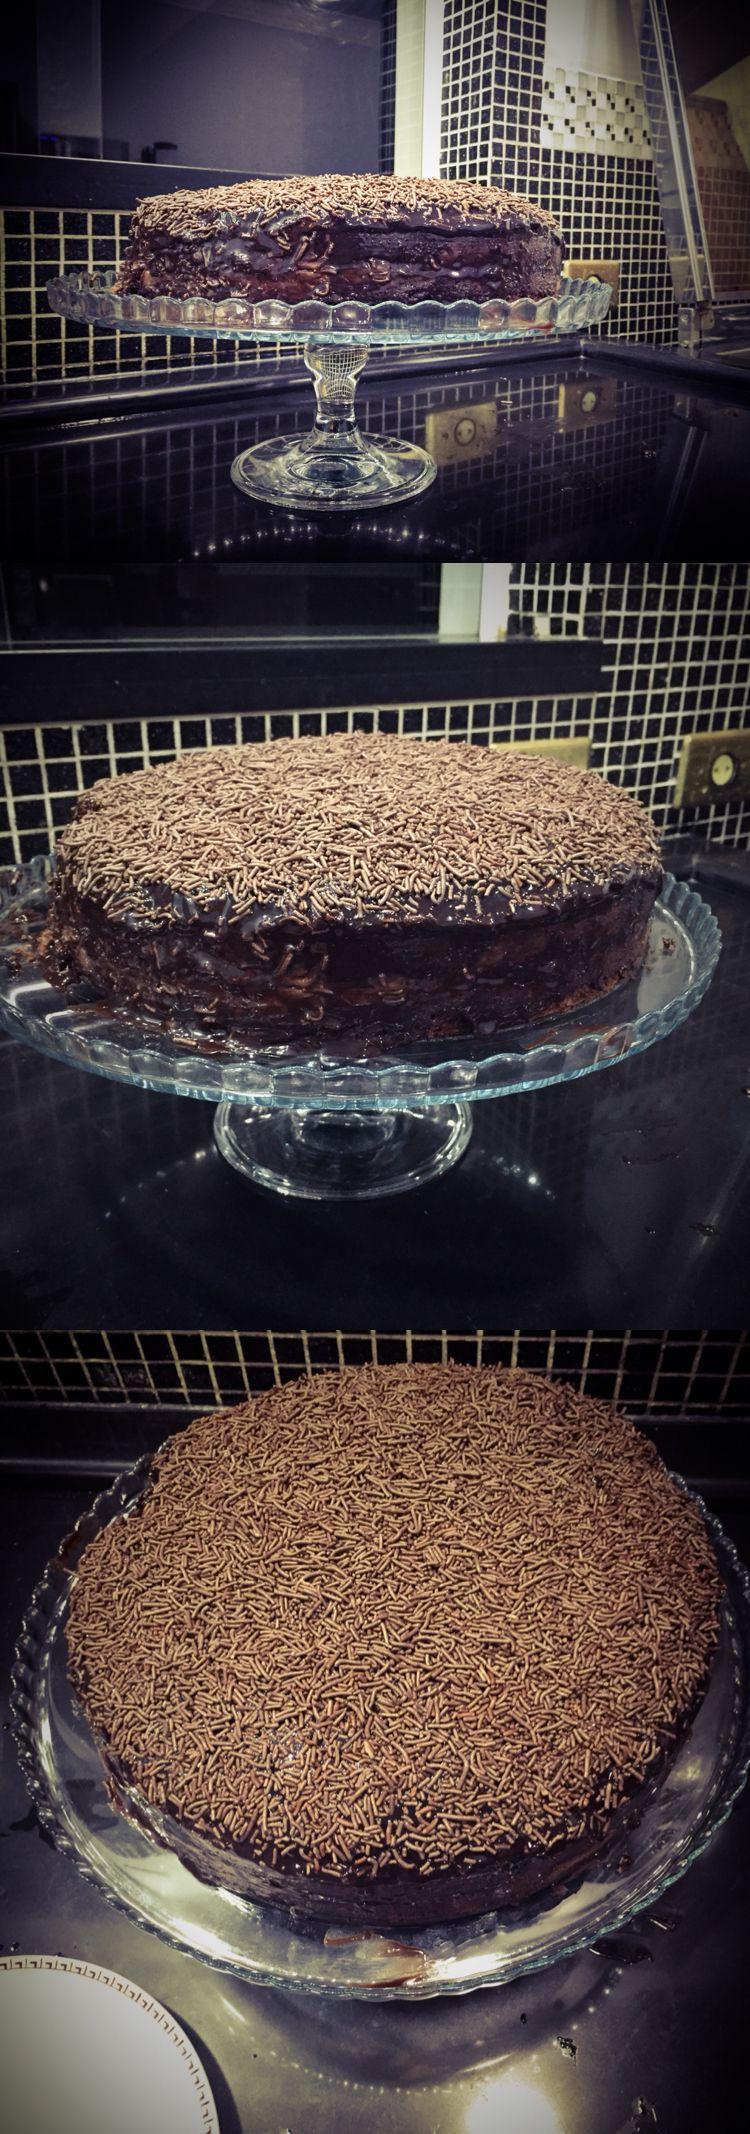 Home made chocolate cake - Bolo de brigadeiro  Ingredientes: - 3 ovos - 1 xícara de óleo - 1 xícara de leite - 2 xícaras de farinha de trigo - 1 xícara de chocolate em pó -1 Colher de sopa de fermento   Ingredients: - 3 eggs - 1 cup of oil - 1 cup milk - 2 cups wheat flour - 1 cup chocolate powder -1 Tablespoon of baking powder